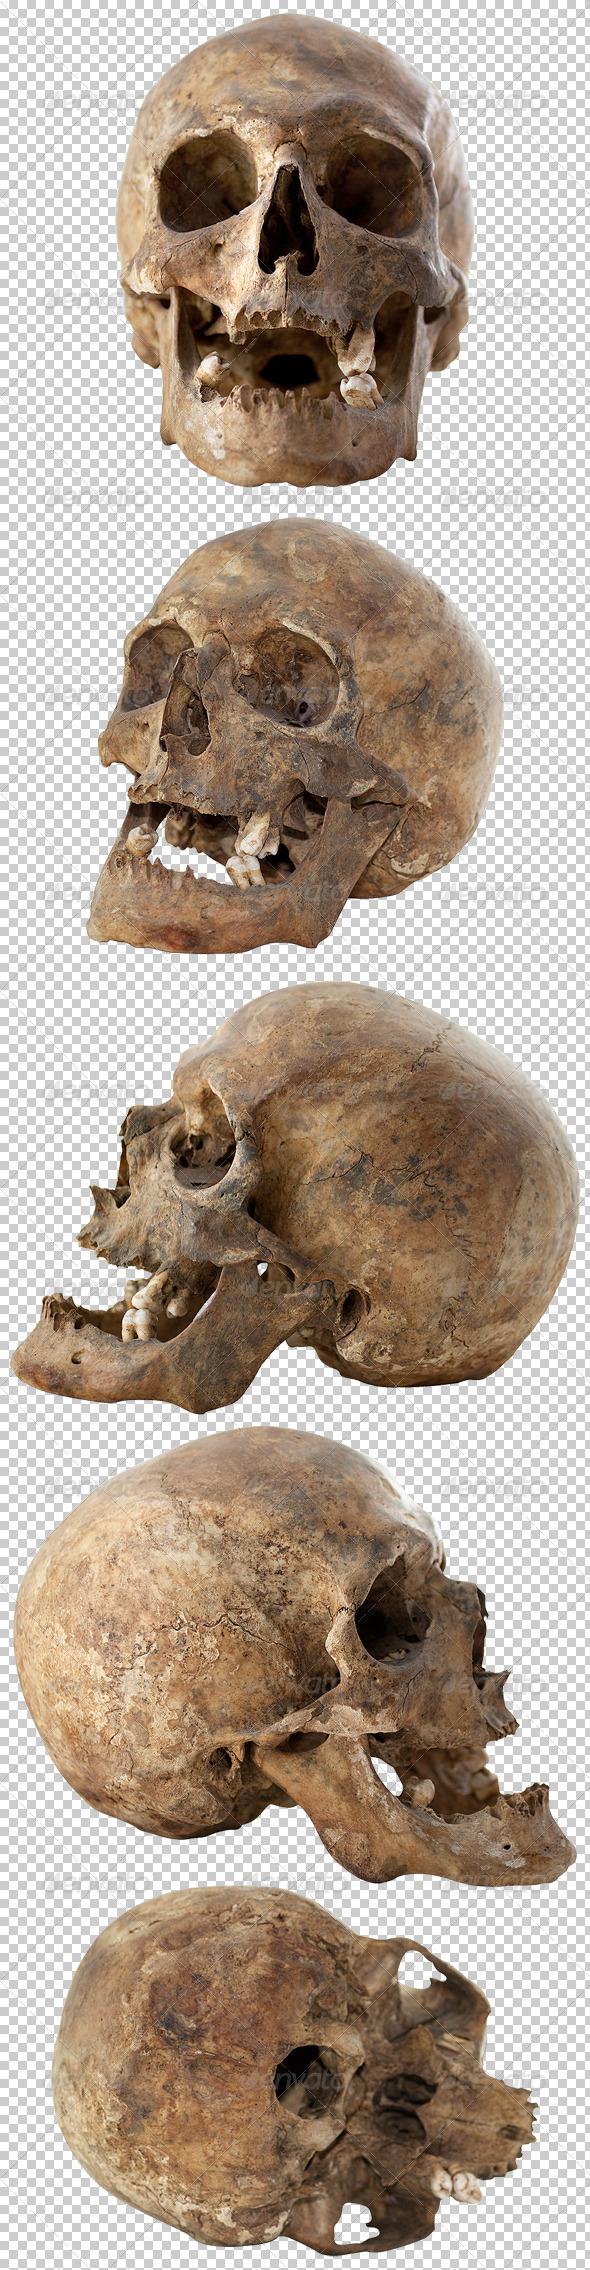 Five Human Skulls Set